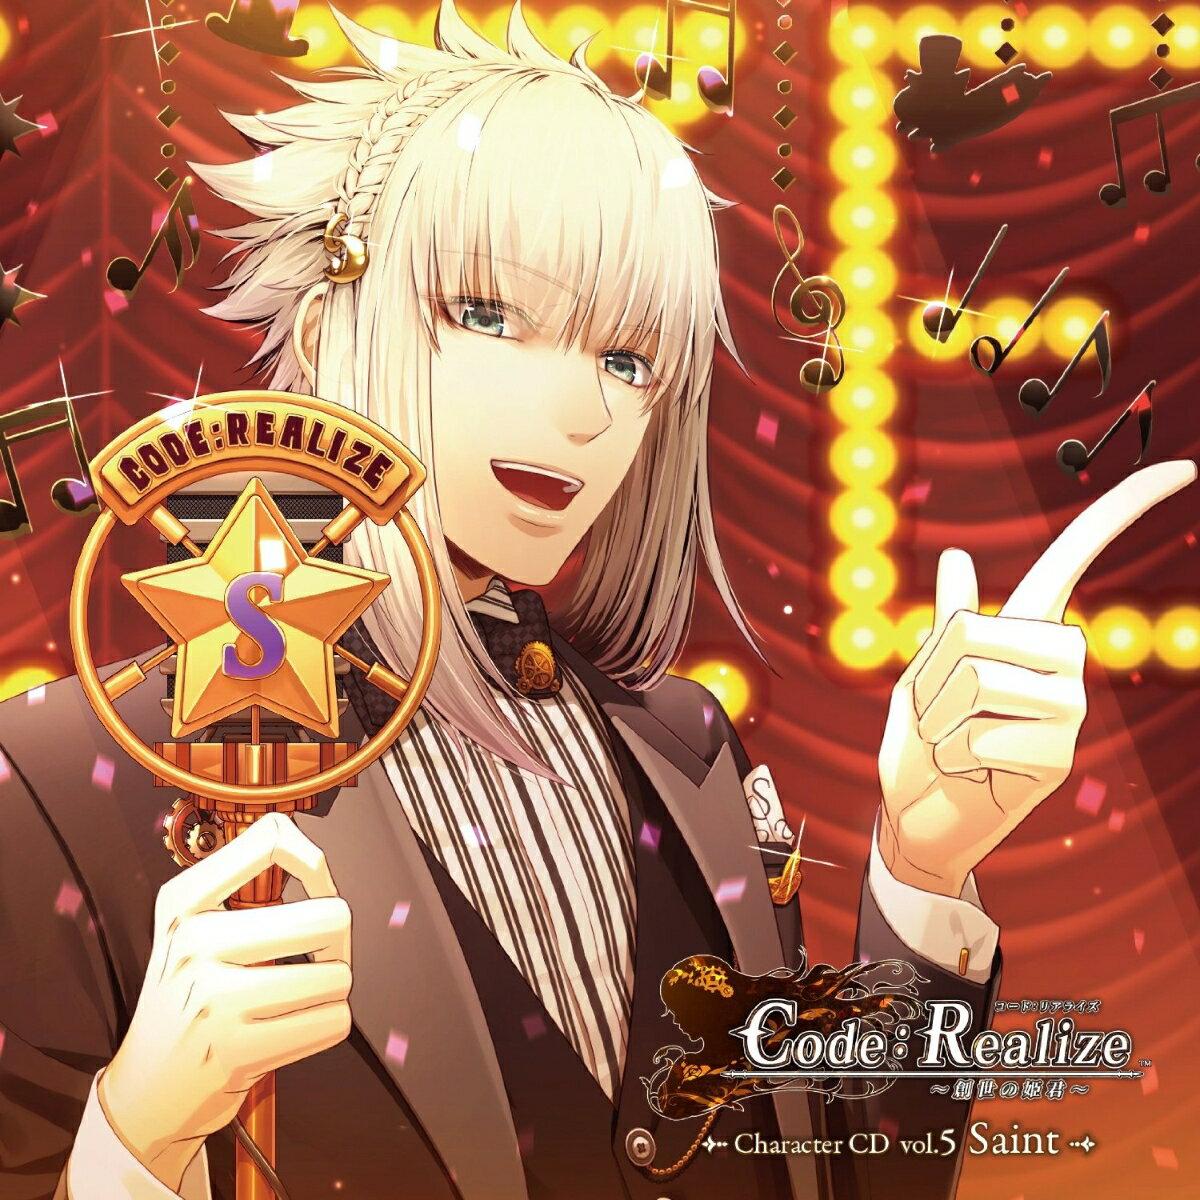 ゲームミュージック, その他 Code:Realize Character CD vol.5 () )